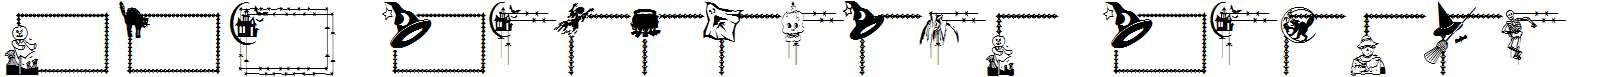 LCR-Frightful-Frames-